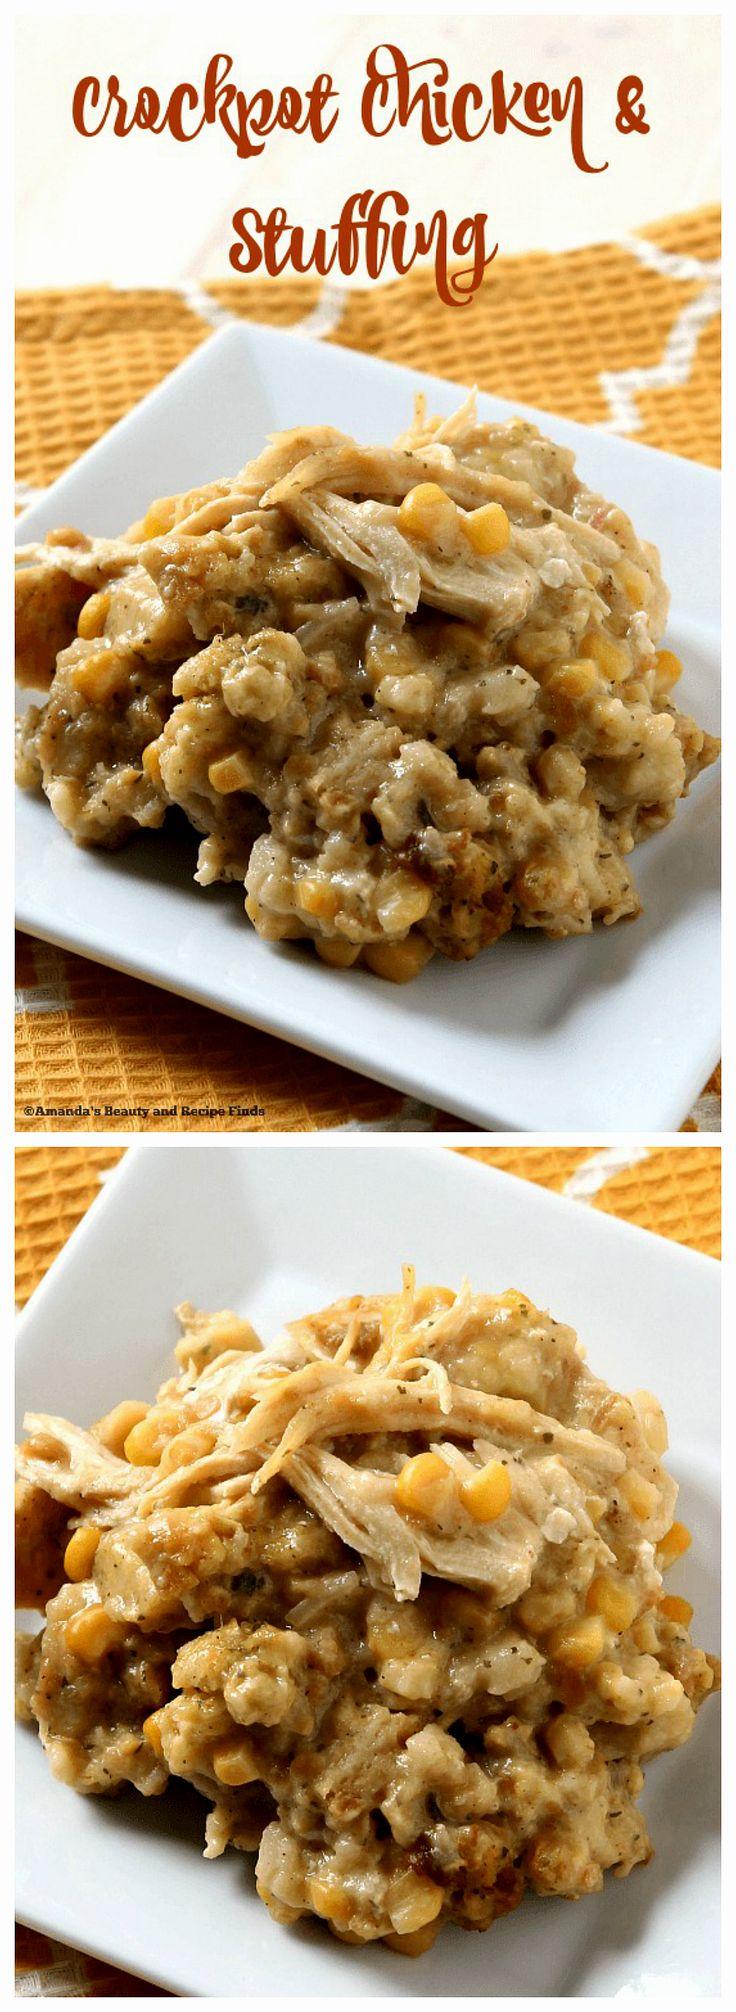 Crockpot Chicken and Stuffing / myfindsonline.com